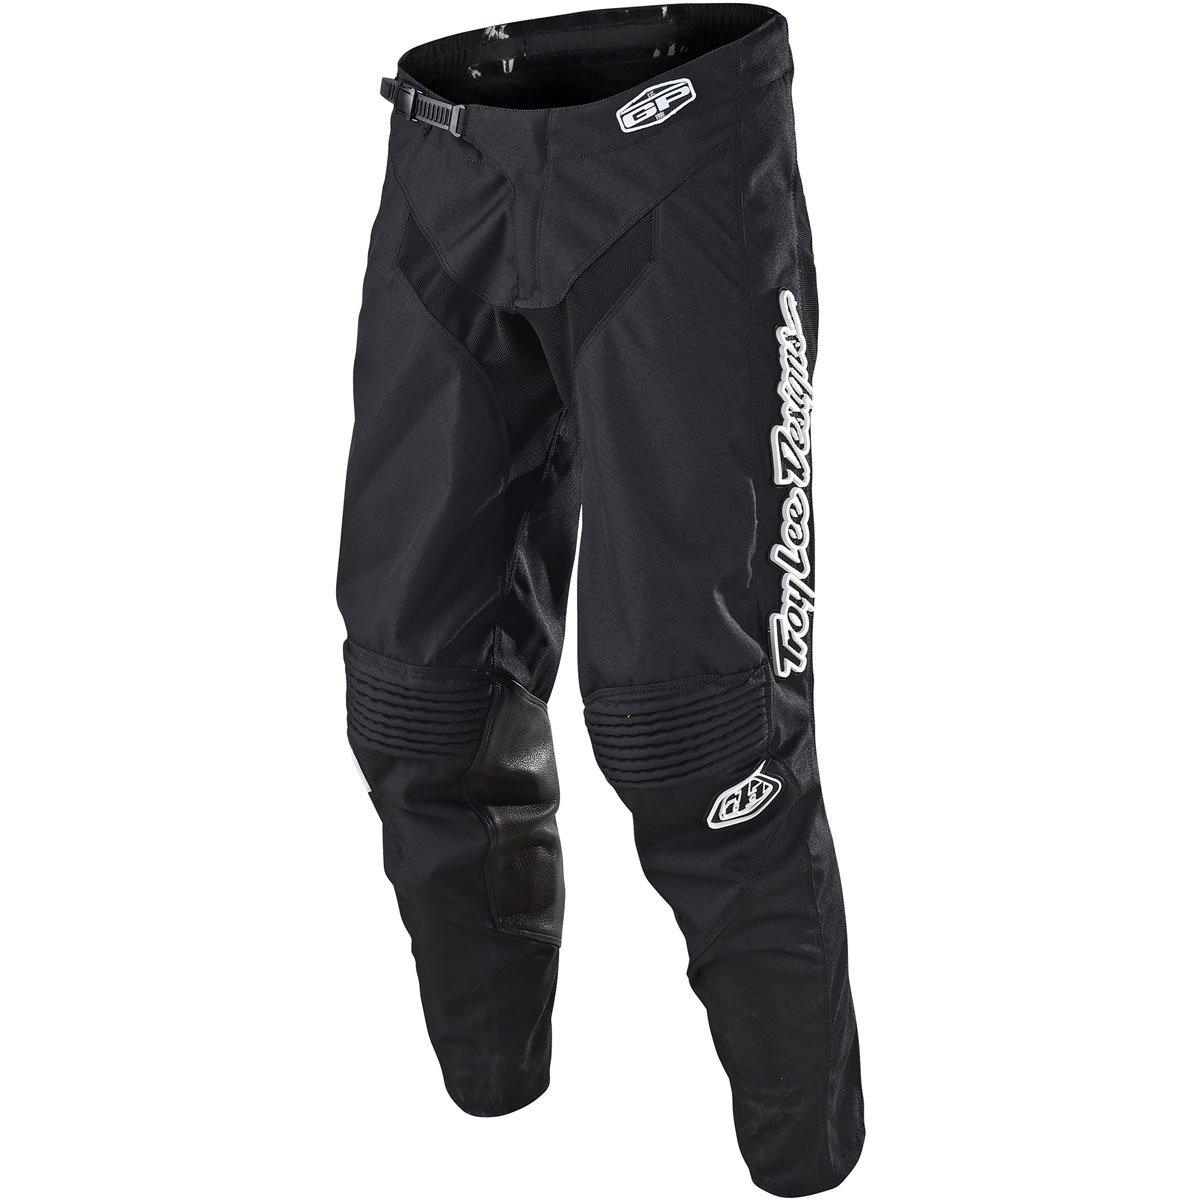 2018 Troy Lee Designs Youth GP Mono Pants-Black-28